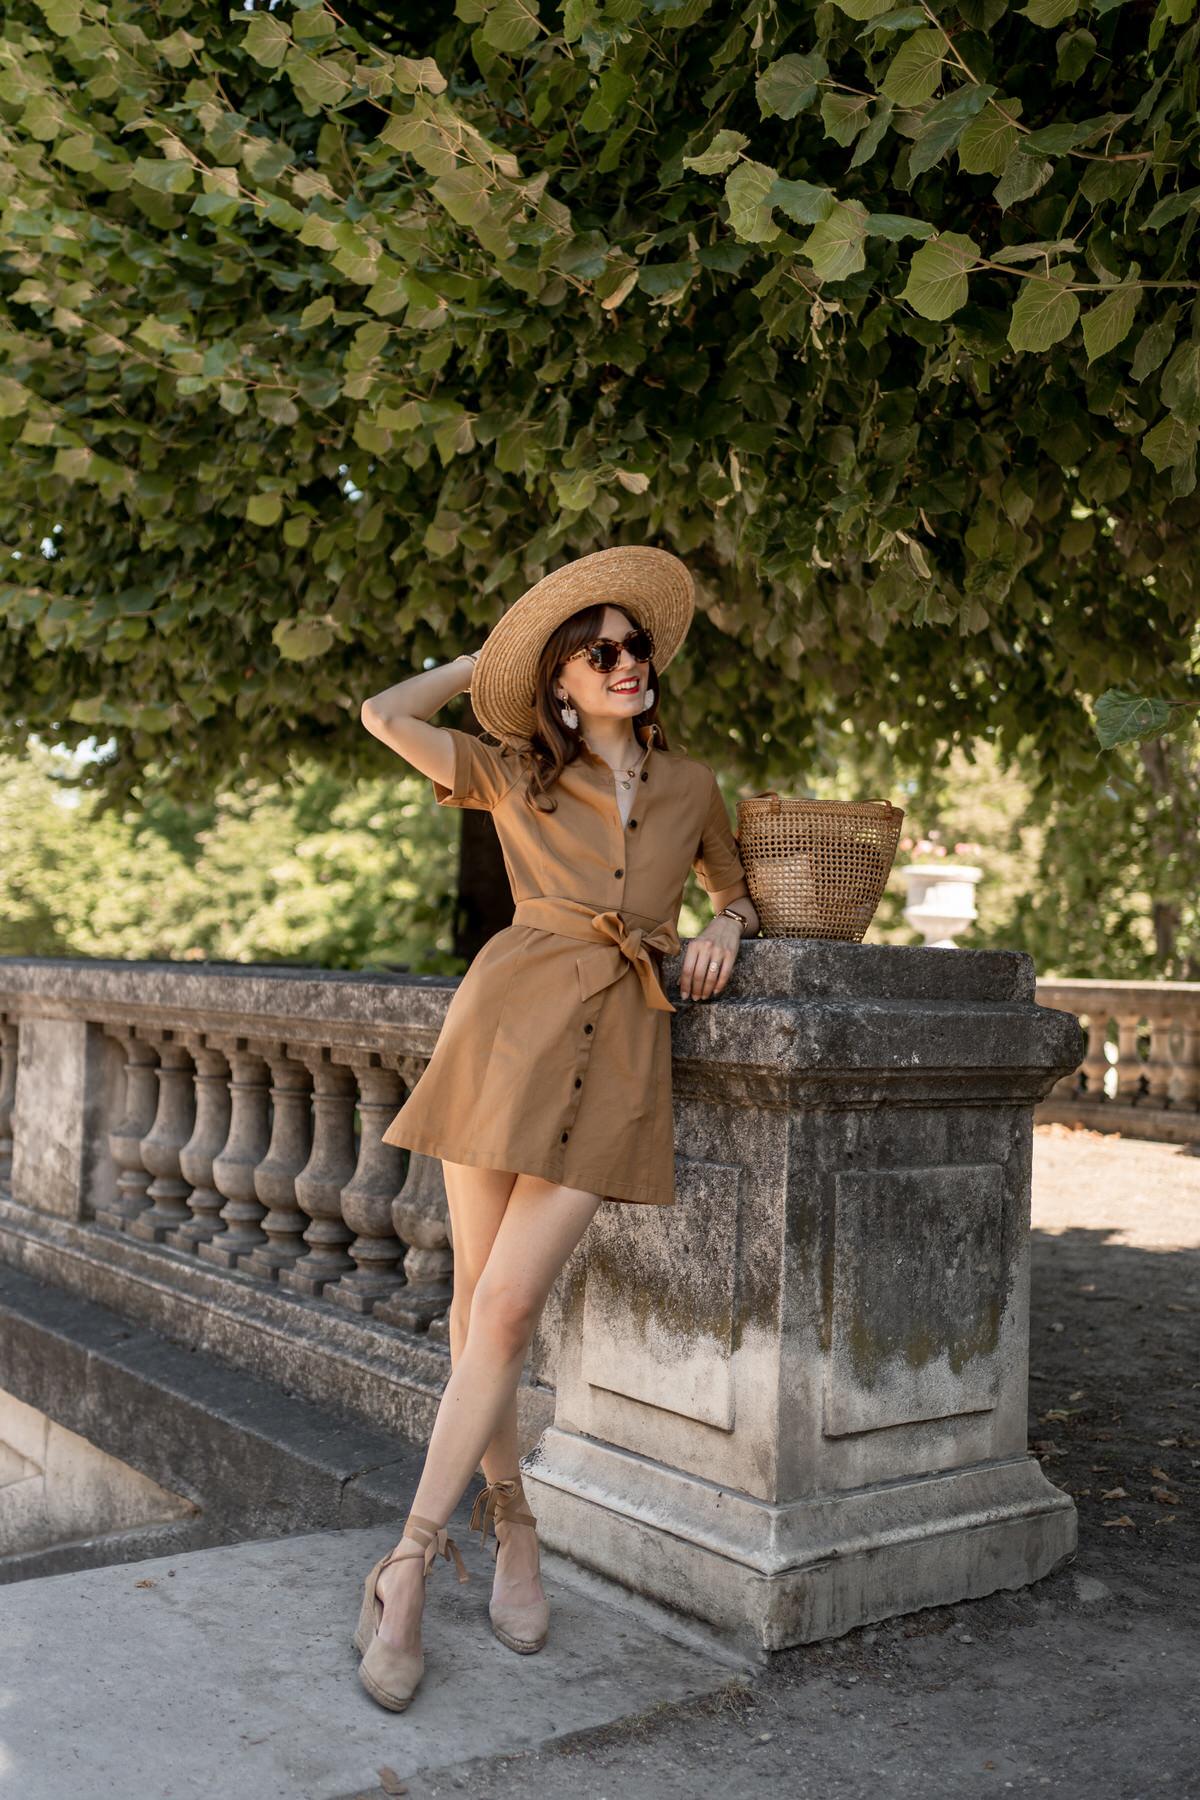 comment-porter-robe-chemise